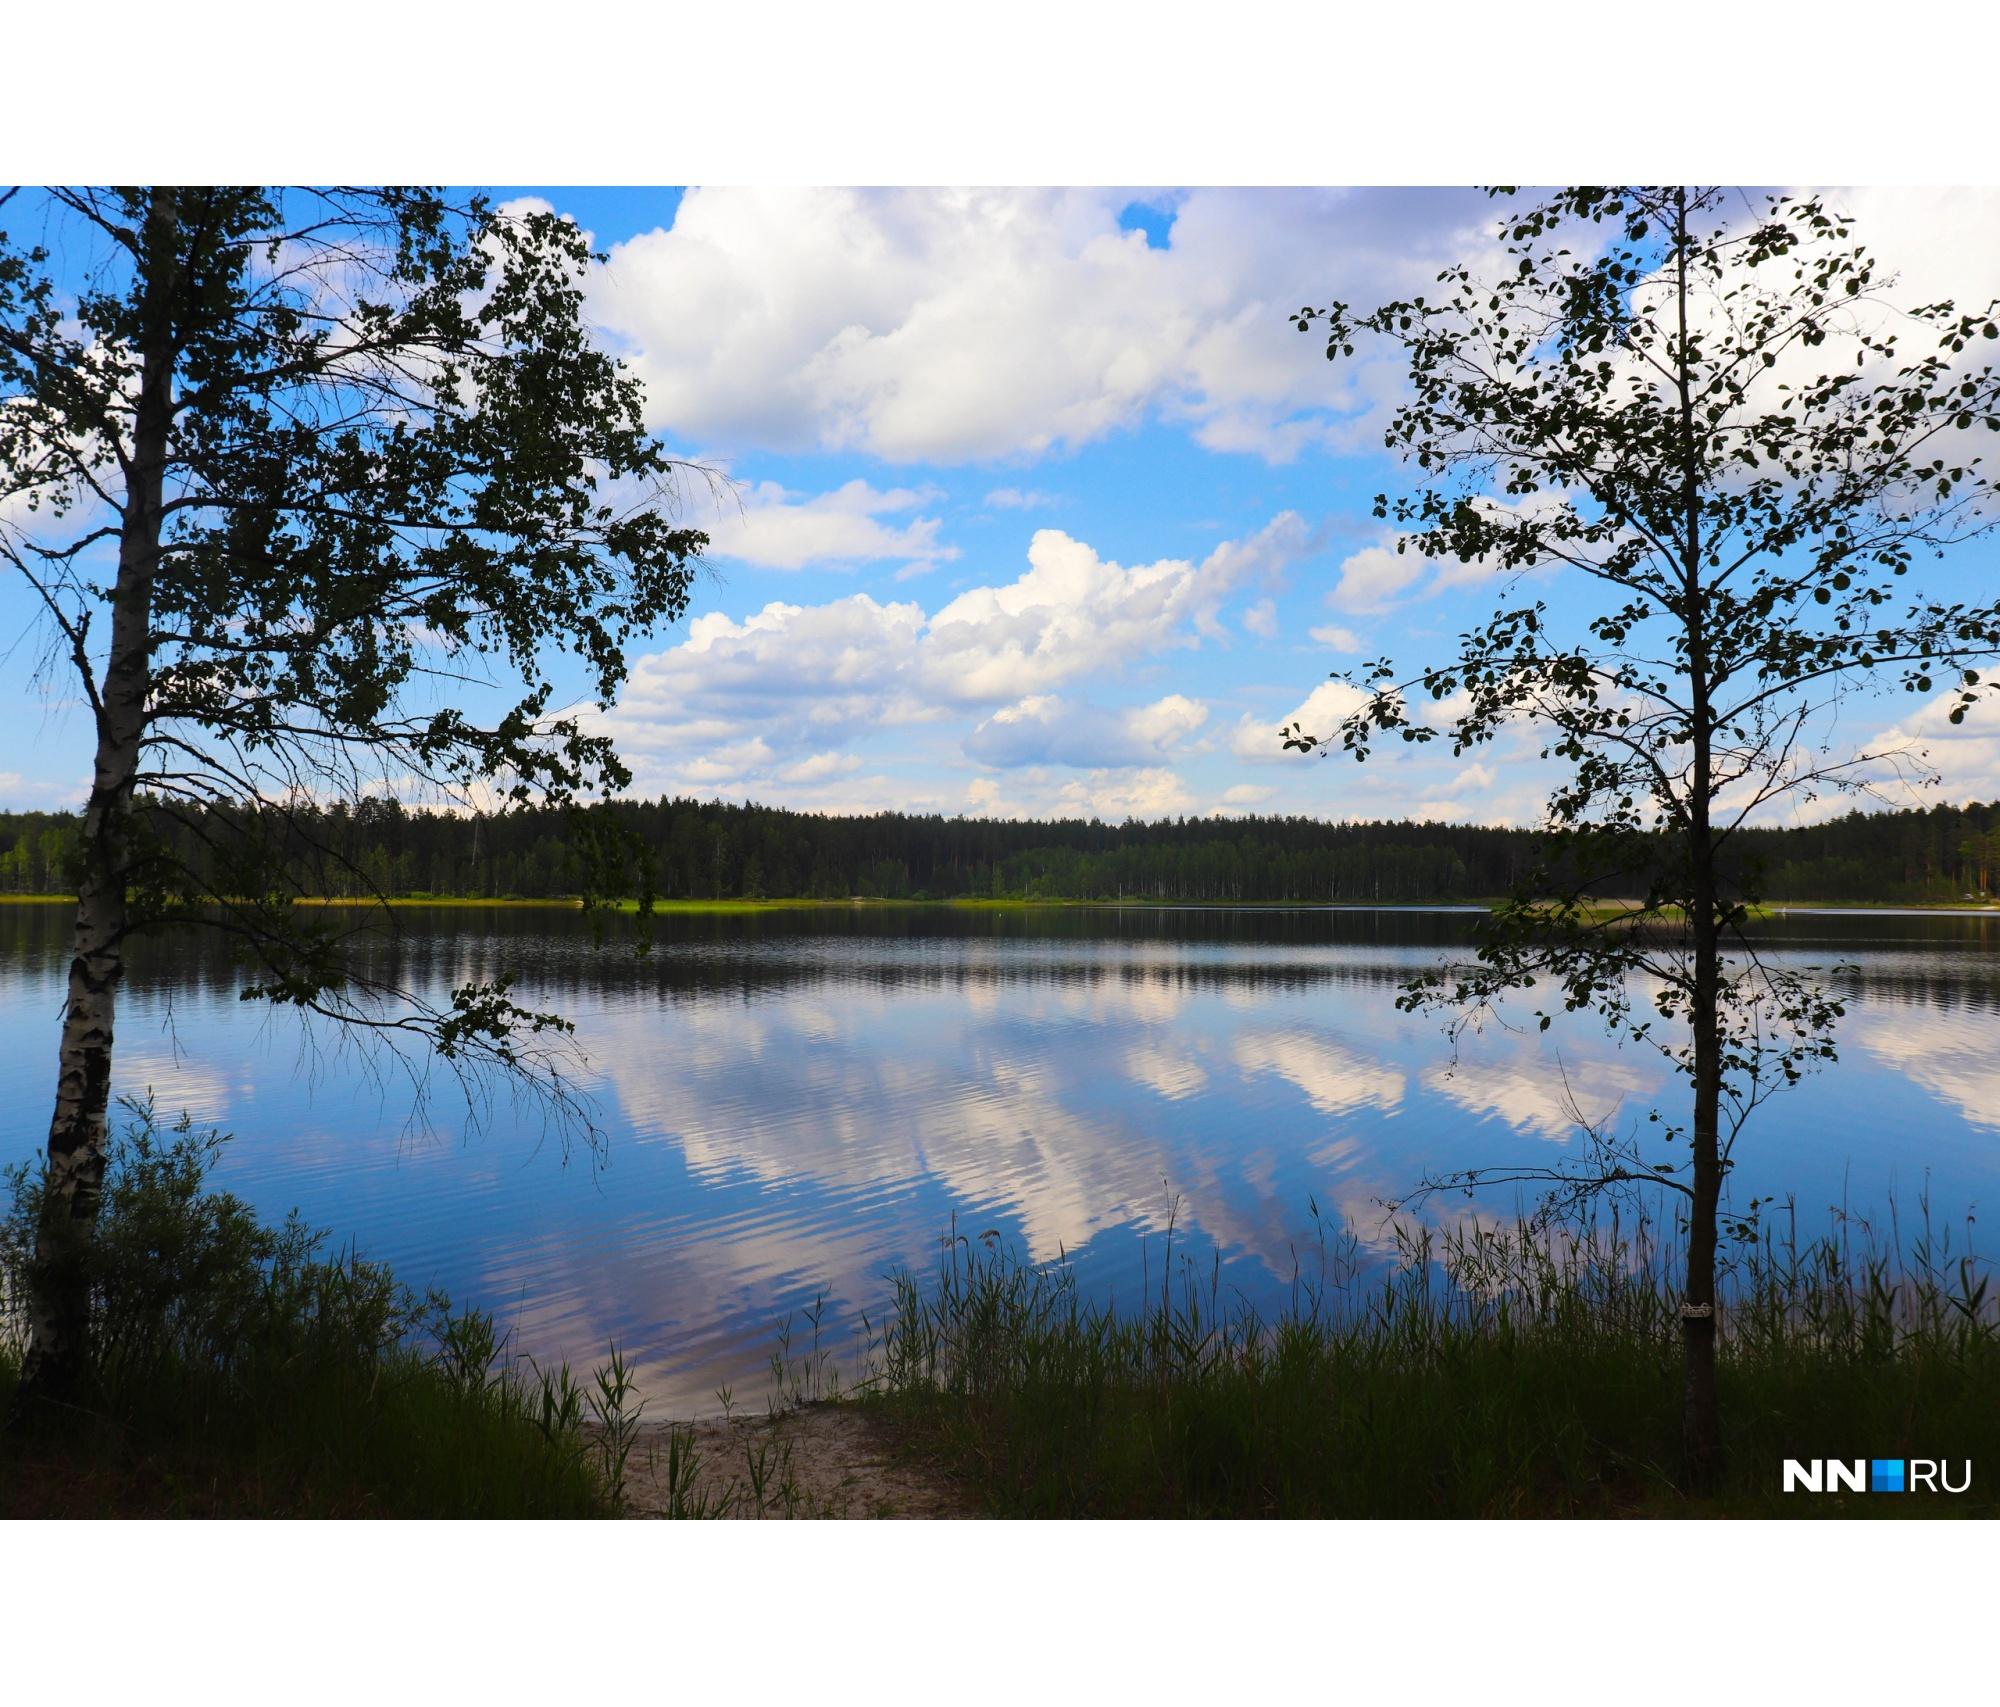 Киркидеево манит туристов и любителей тихого отдыха на природе